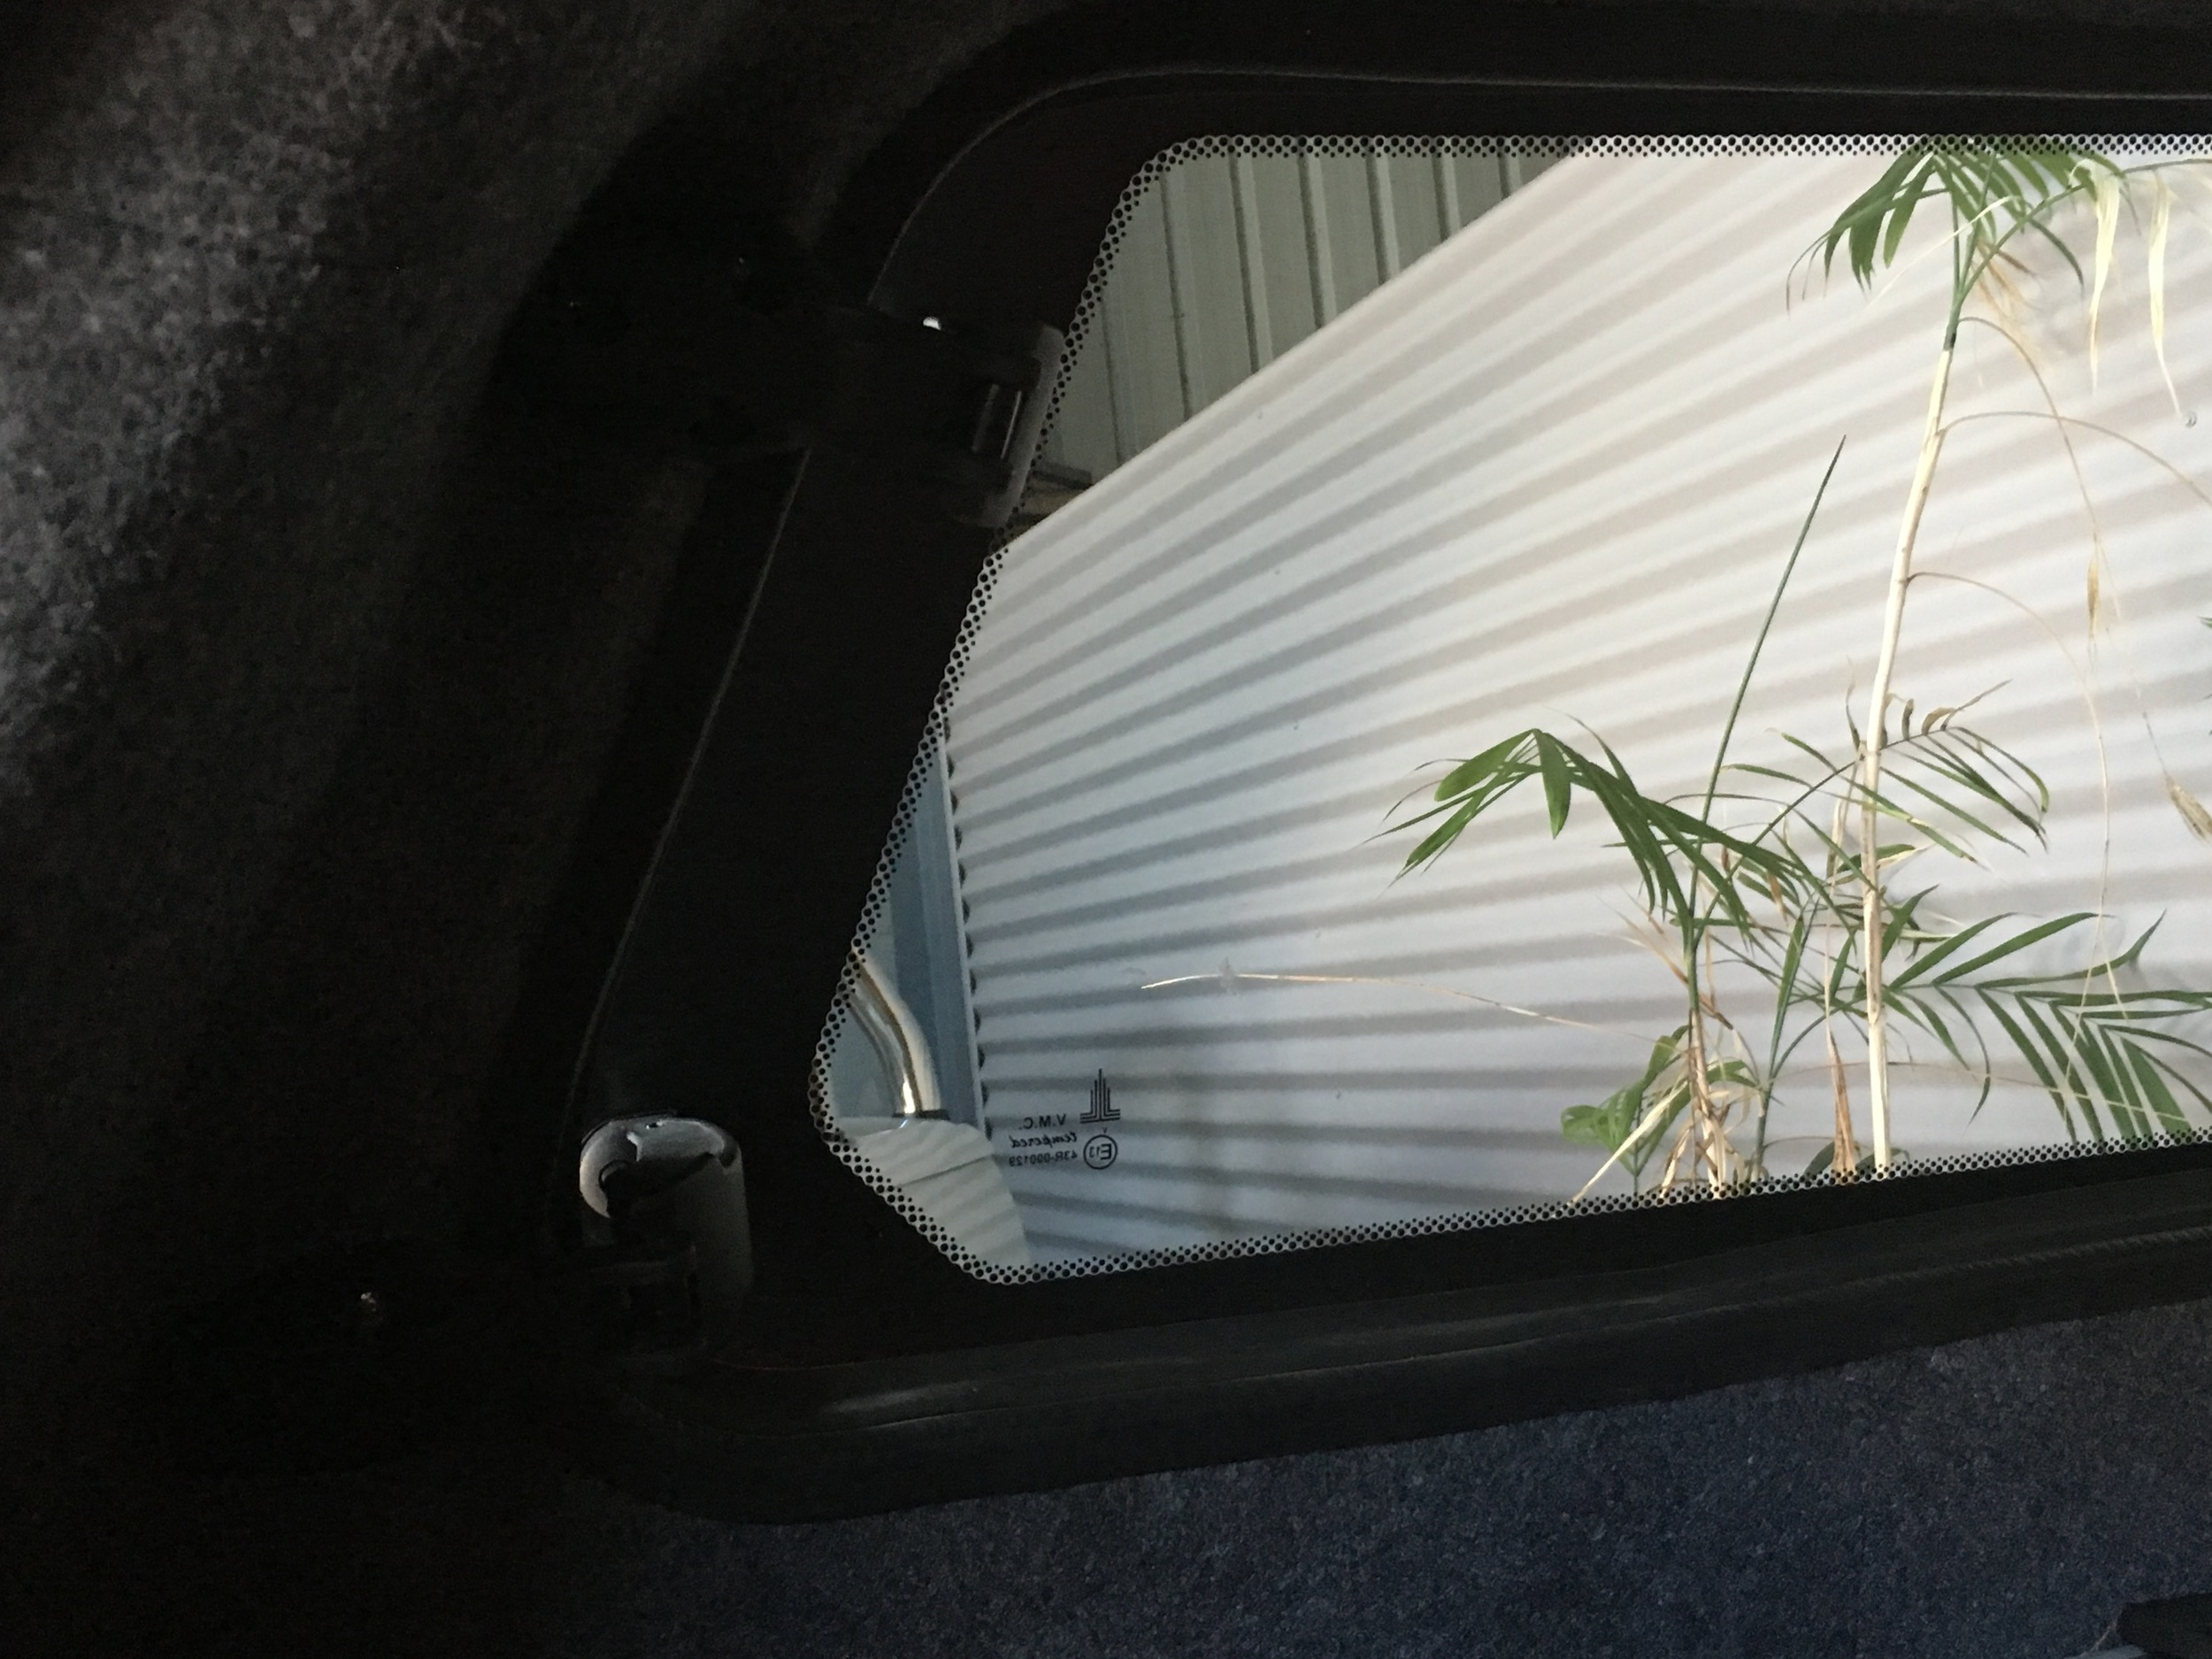 Rear Window Demister